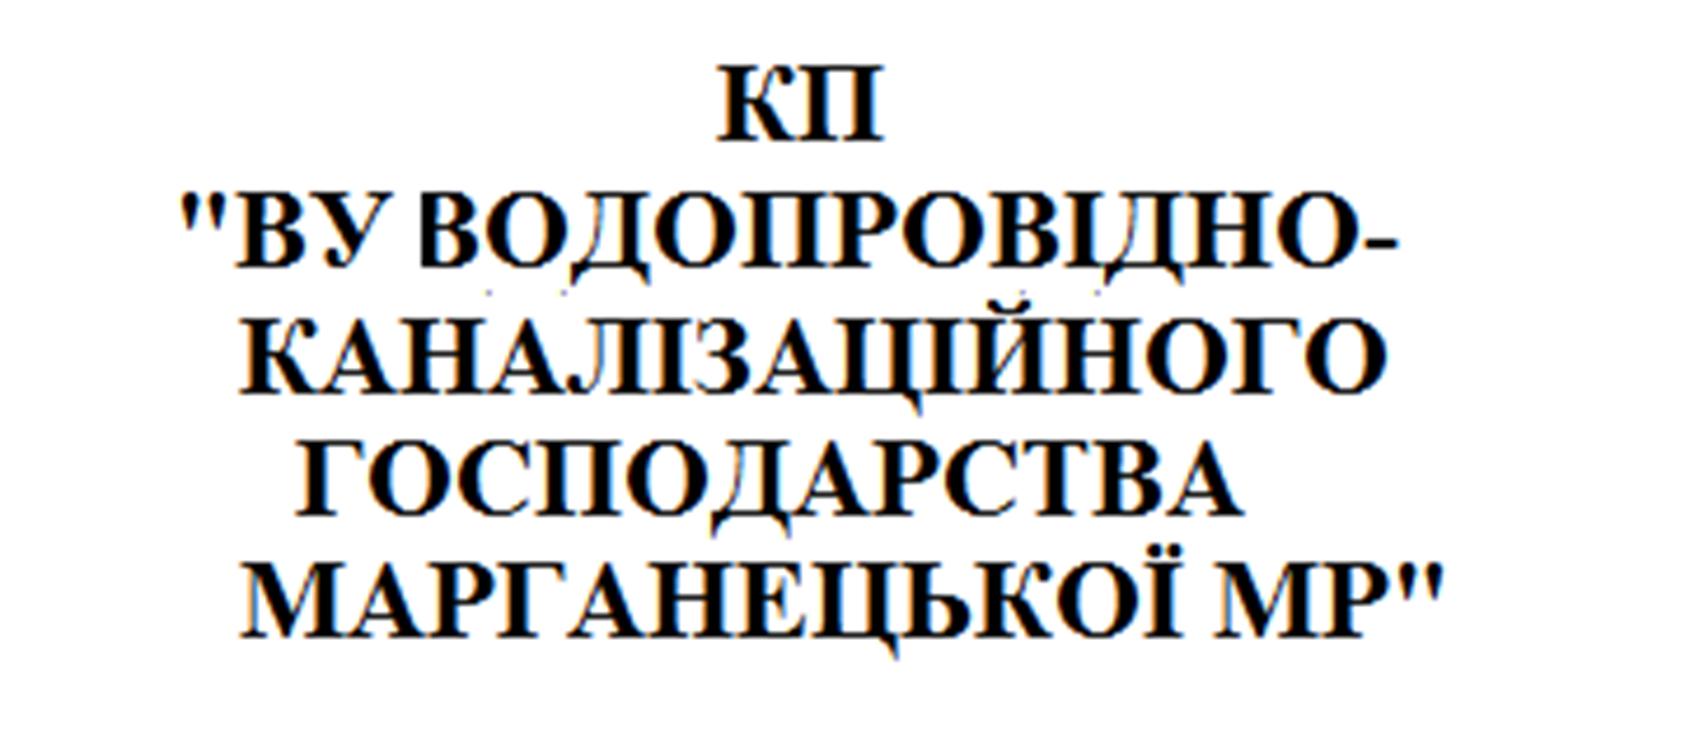 """КП""""ВУ ВОДОПРОВІДНО-КАНАЛІЗАЦІЙНОГО ГОСПОДАРСТВА МАРГАНЕЦЬКОЇ МР"""""""